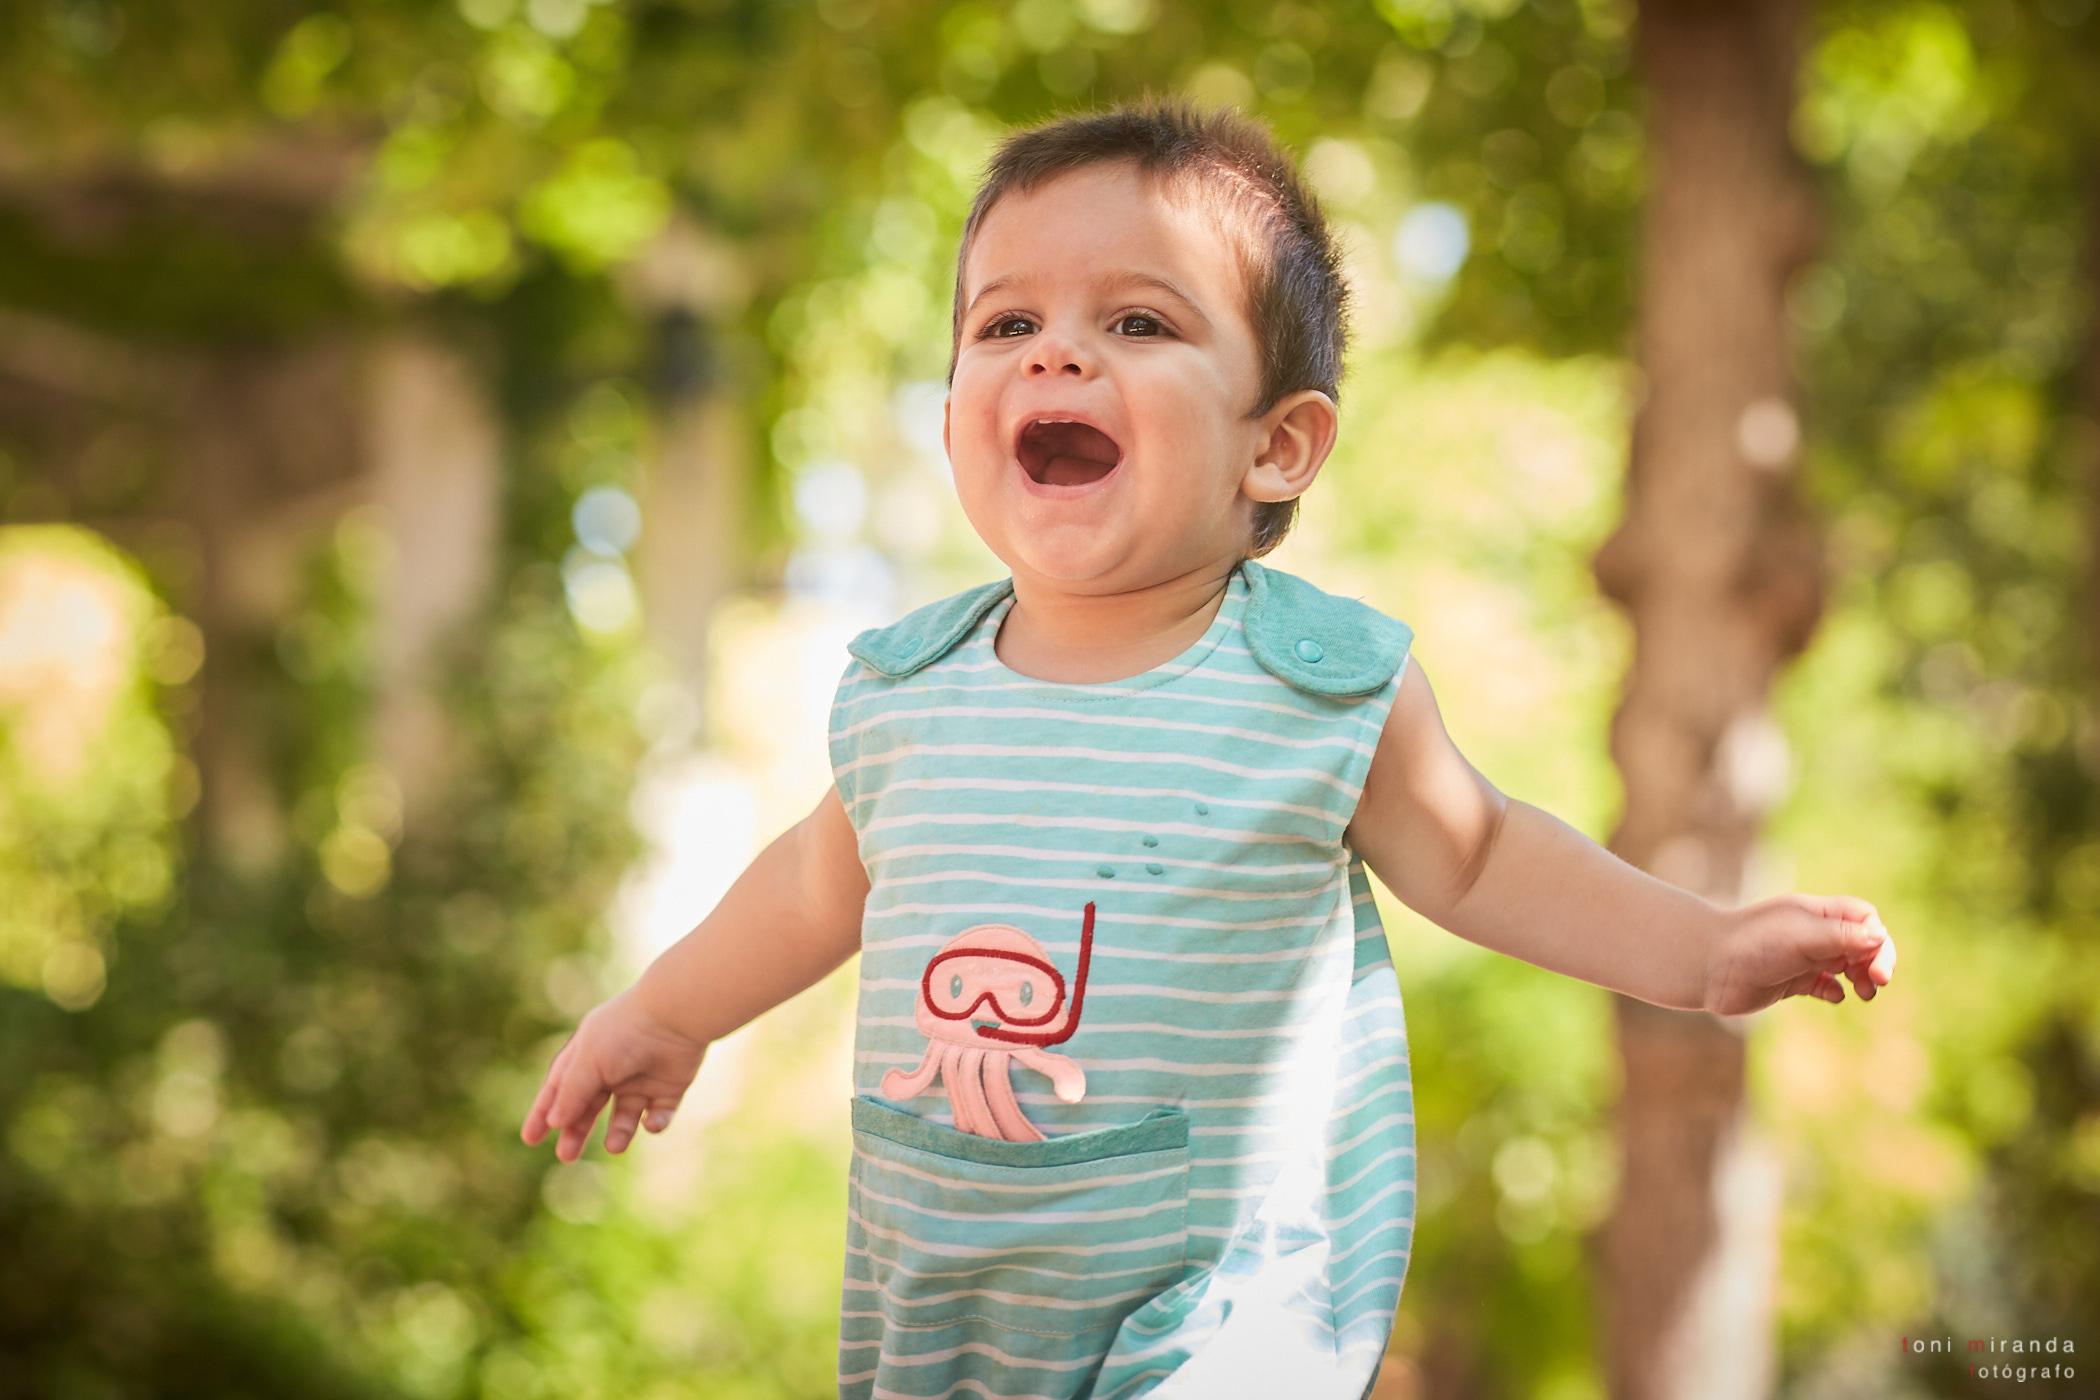 bebe de 17 meses corriendo por elparque